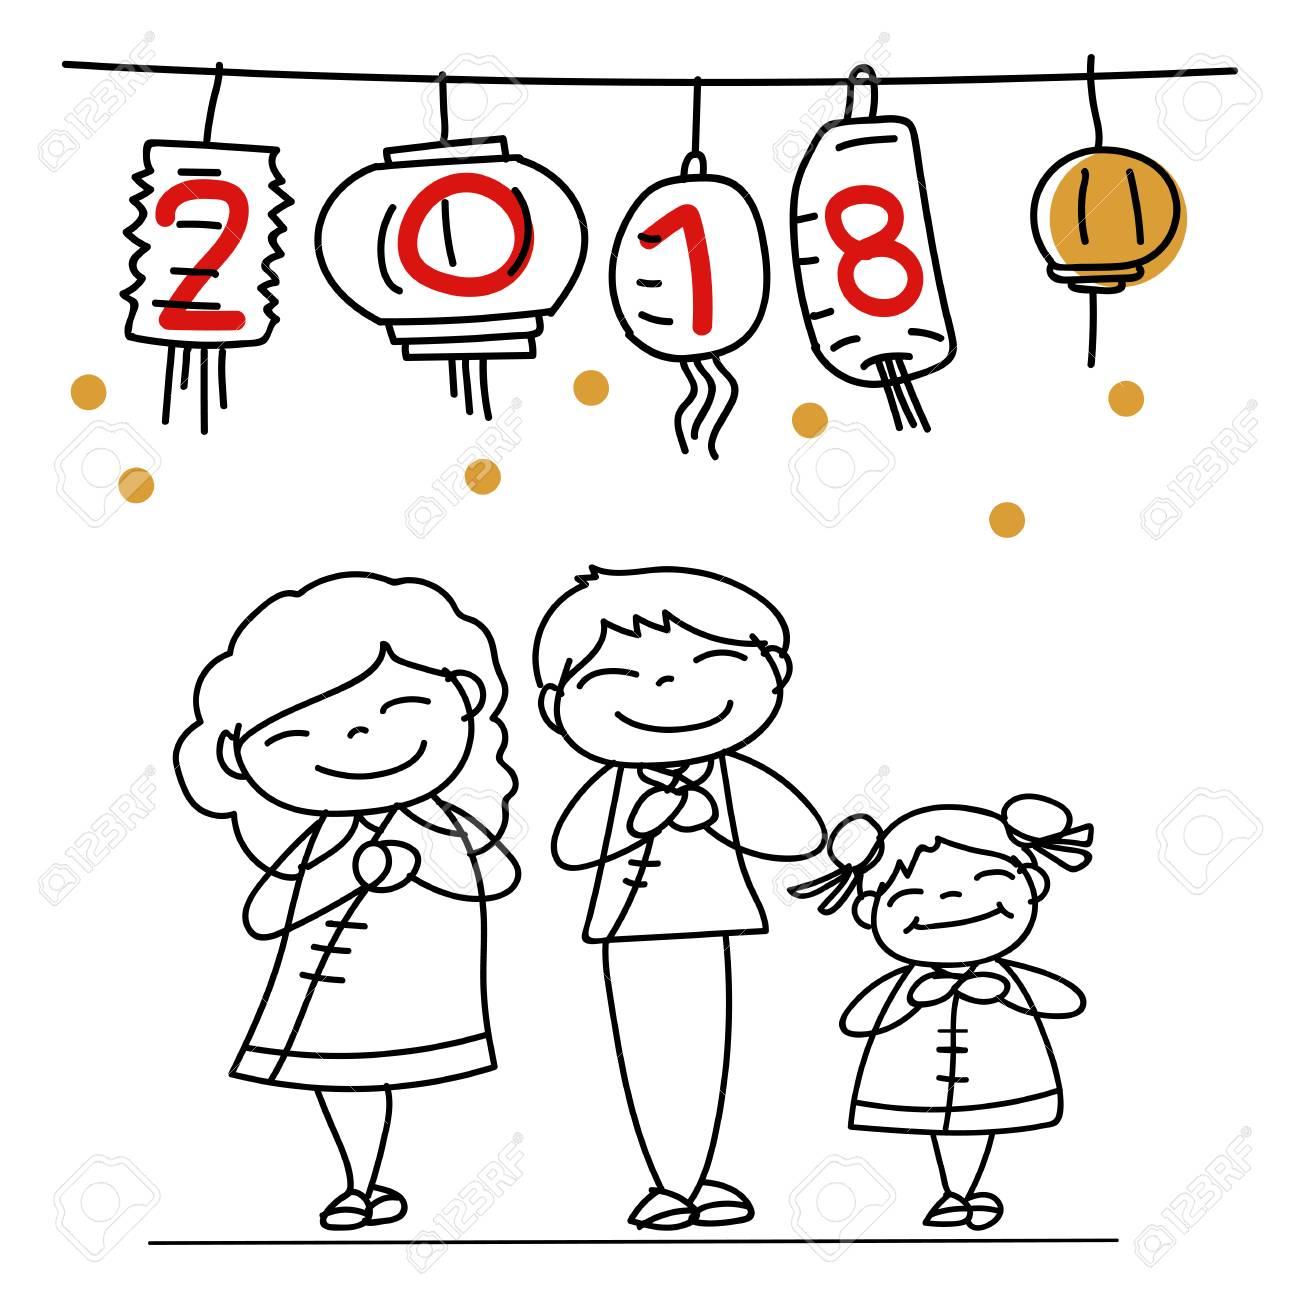 Dibujo A Mano Personaje De Dibujos Animados Chino Familia Y Niños Feliz Año Nuevo Chino 2018 Año De La Luna Año Lunar Concepto Línea De Arte